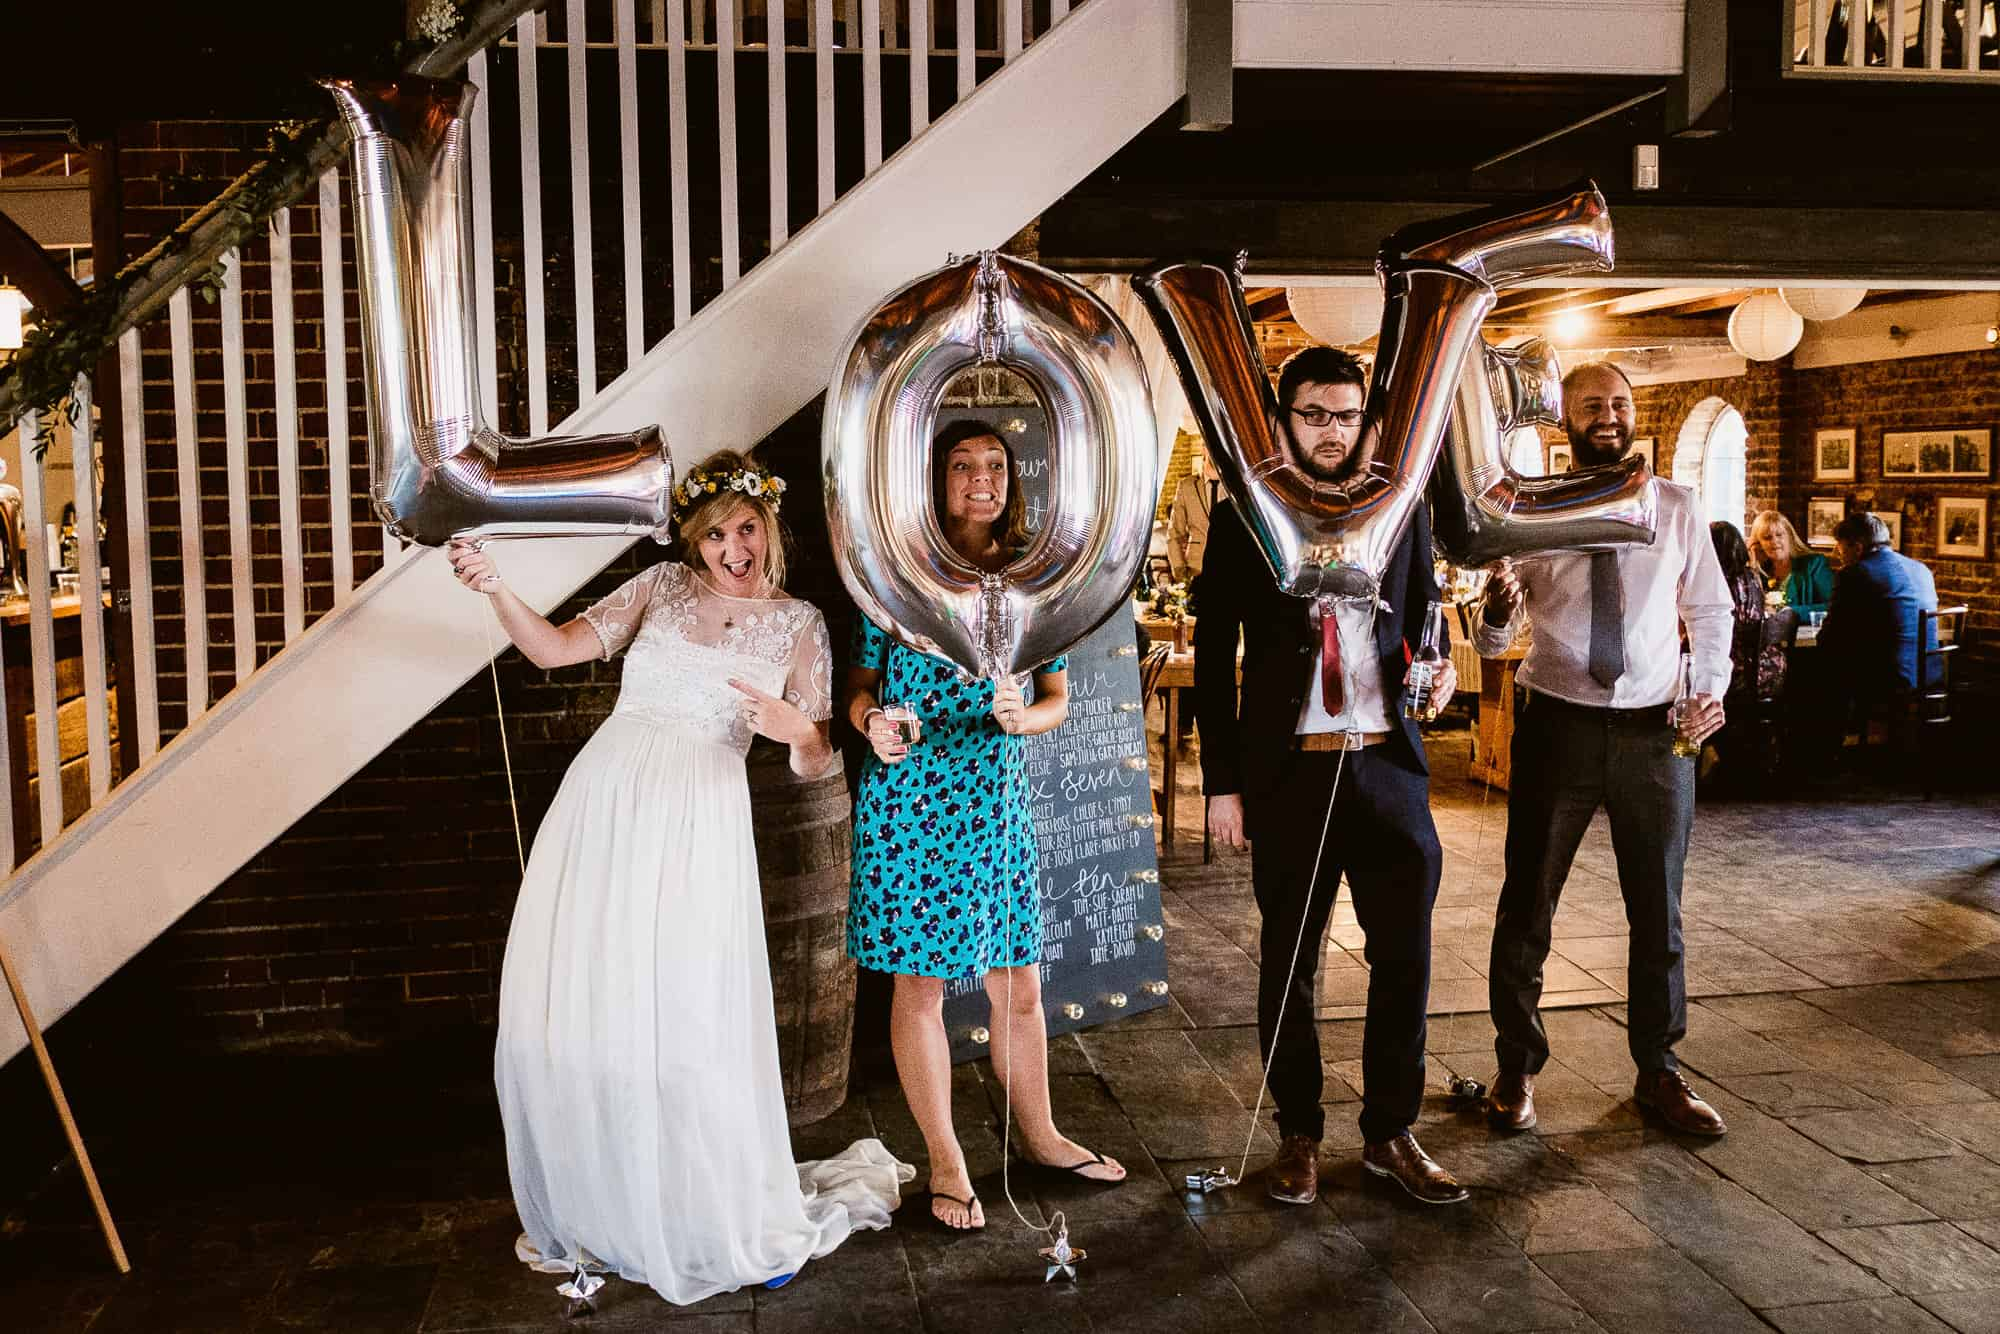 east-quay-wedding-photography-matt-tyler-0076